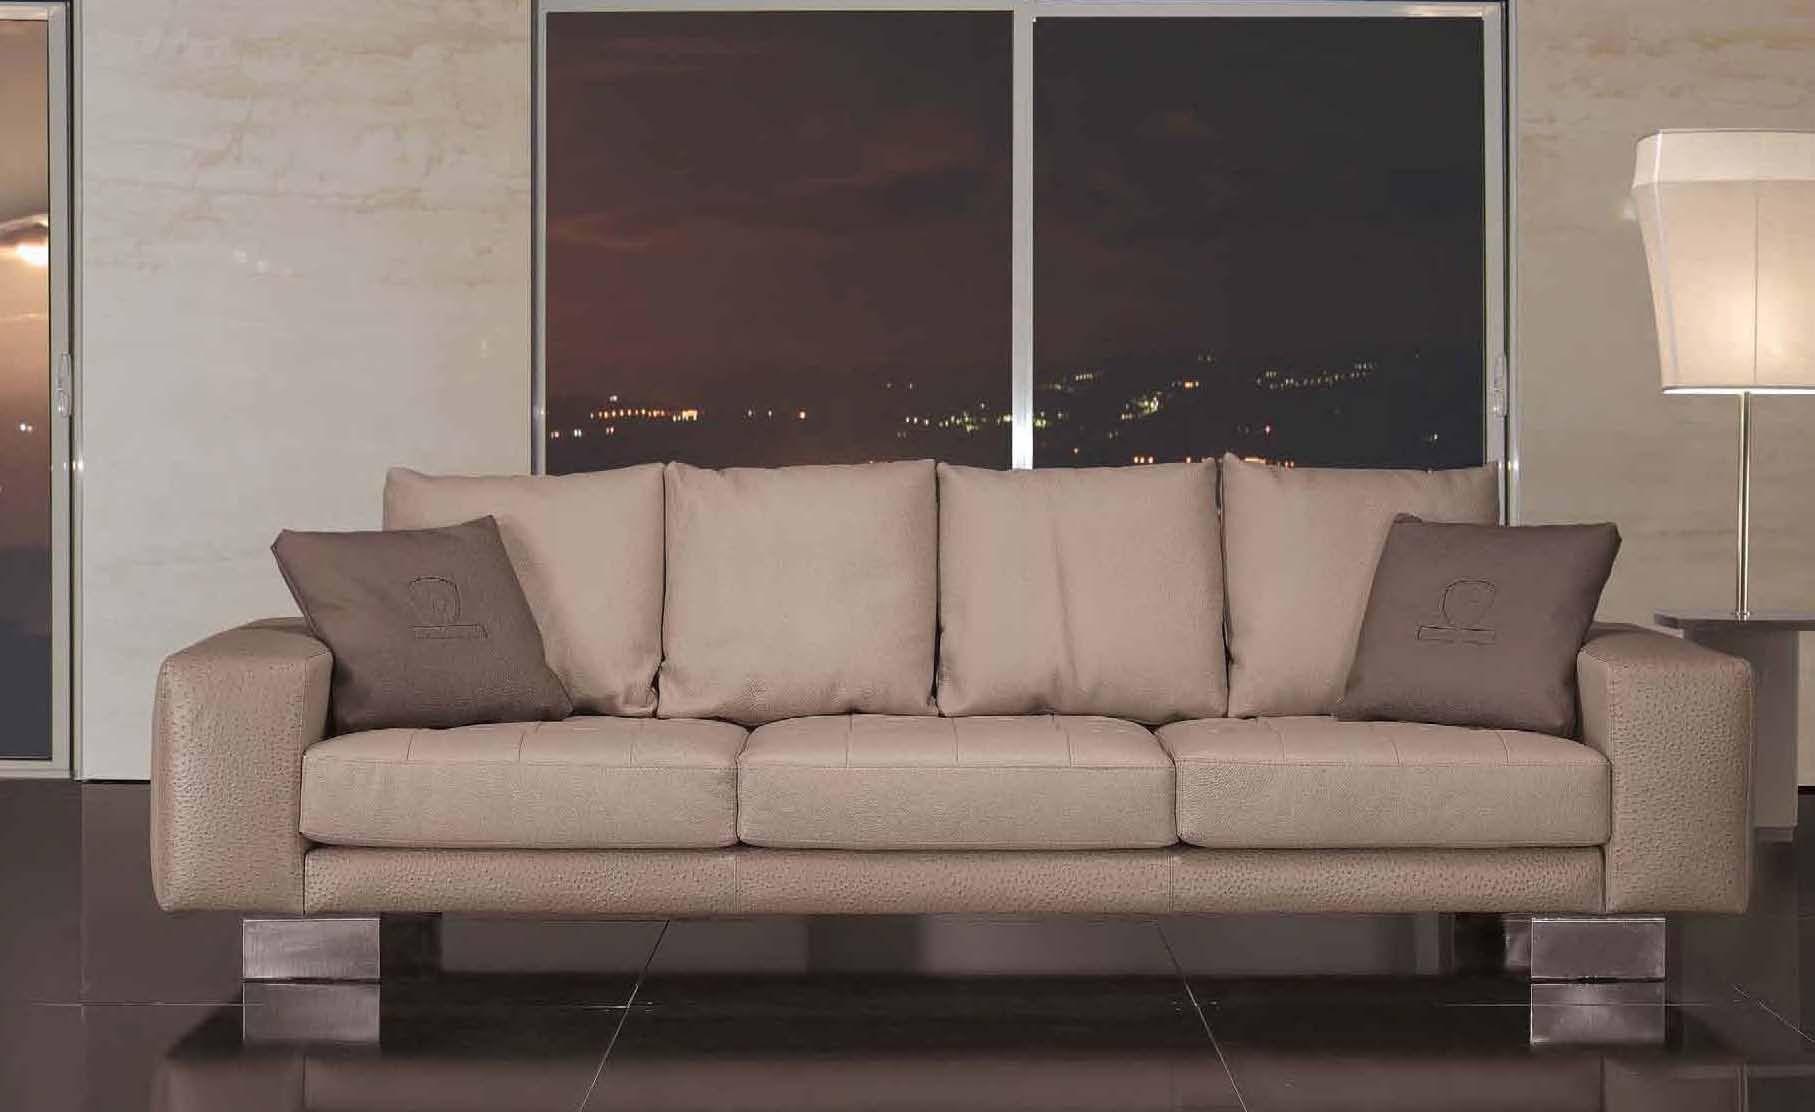 Modèlede Canapés : Canapés de vip modèle meubles rembourrés vitesseles